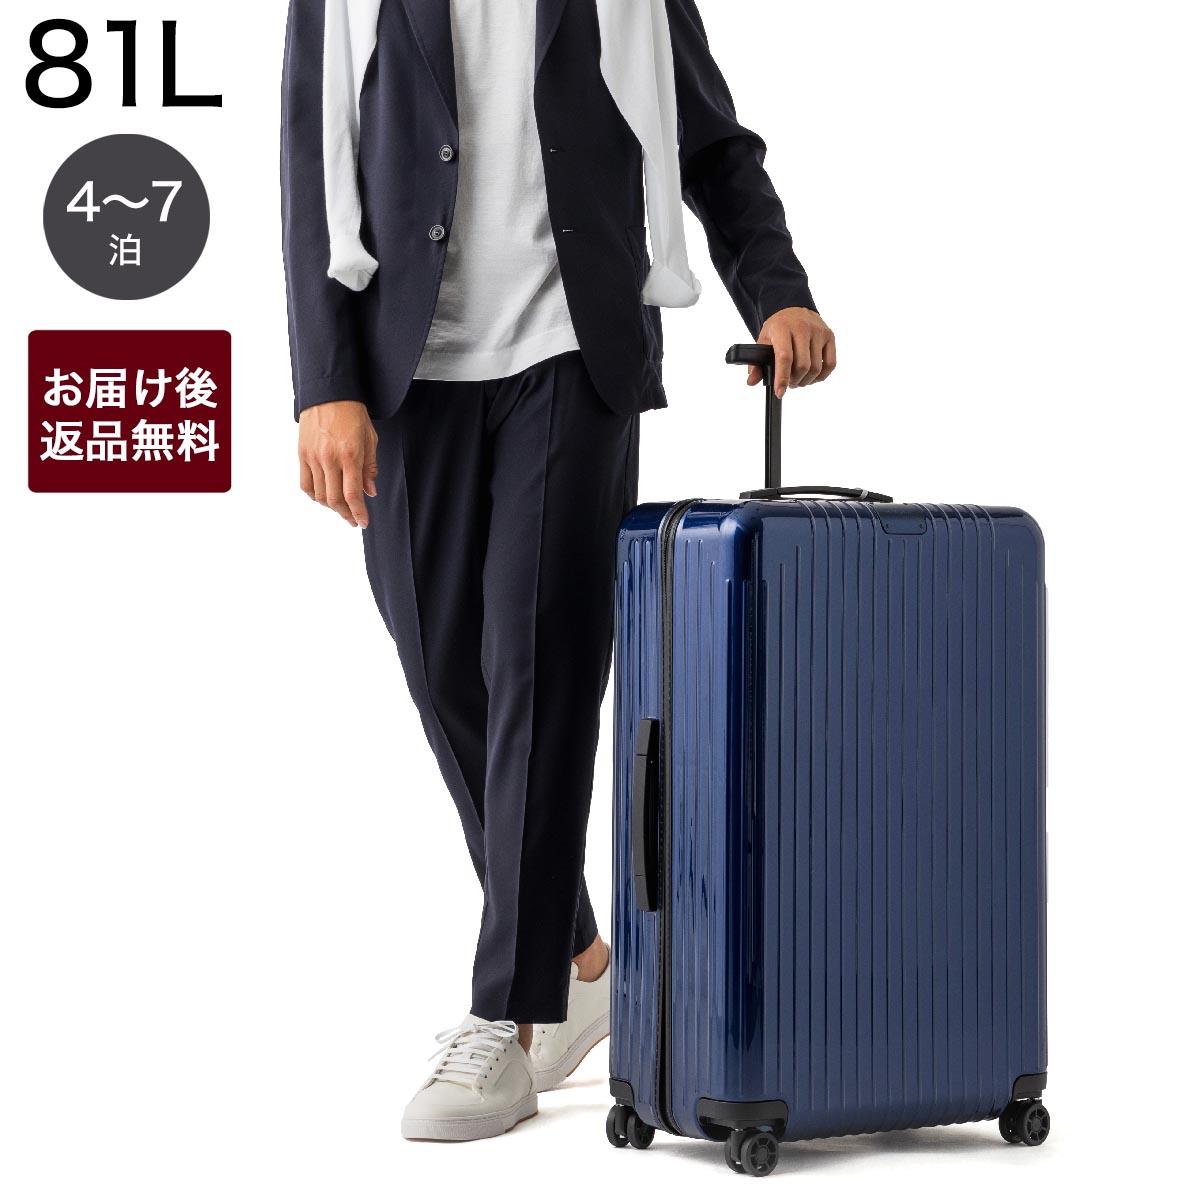 リモワ RIMOWA スーツケース ブルー メンズ レディース 823.73.60.4.0.1 ESSENTIAL LITE CHECK-IN L エッセンシャル ライト チェックイン 81L【あす楽対応_関東】【返品送料無料】